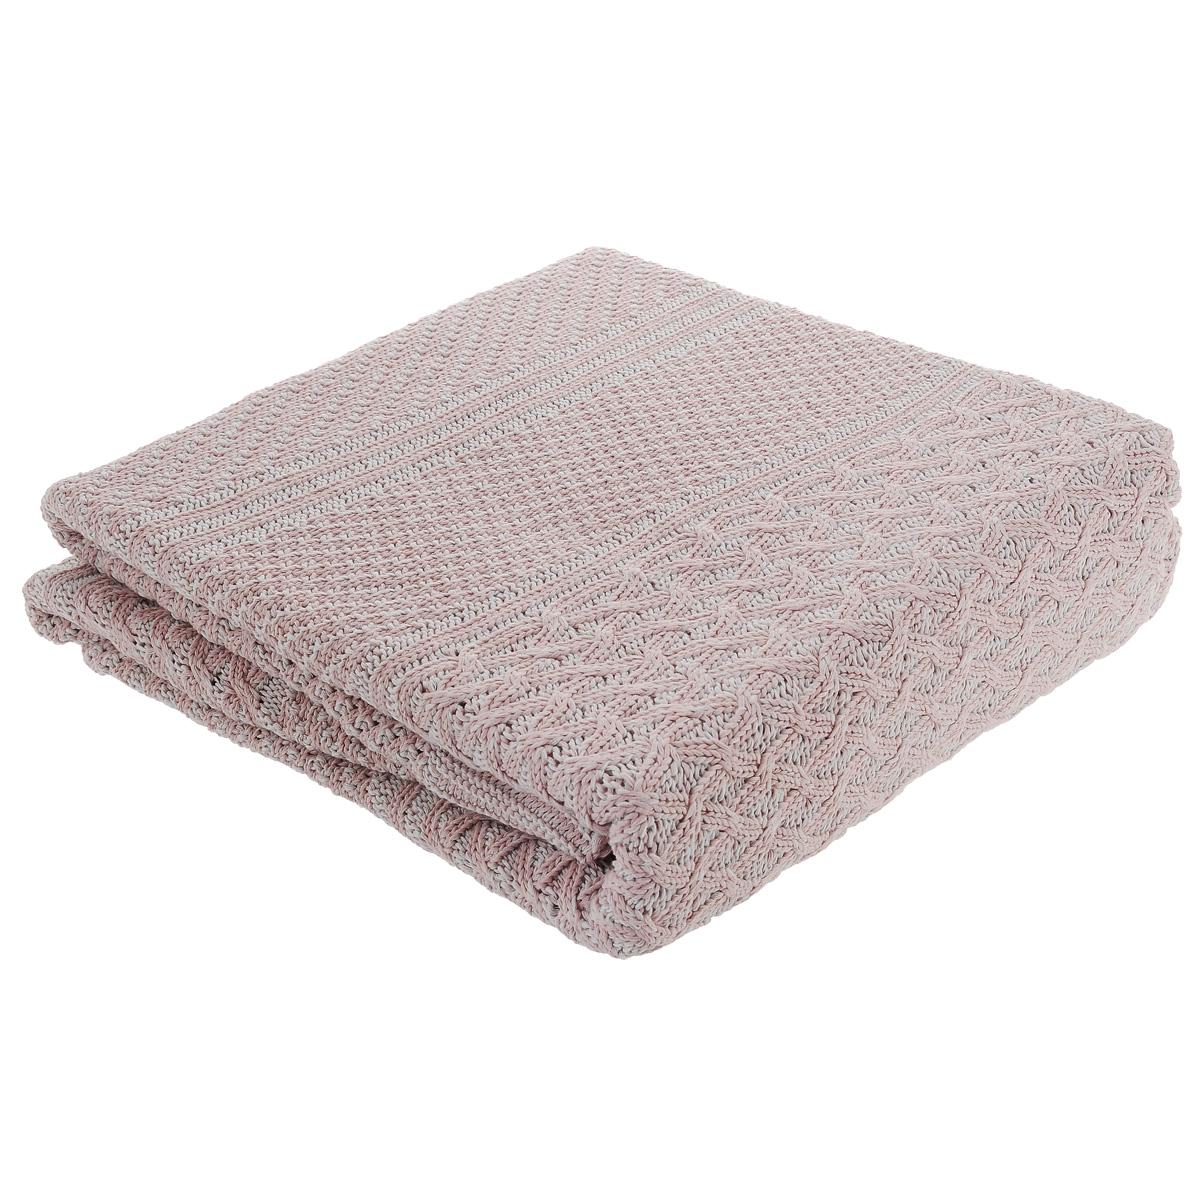 Покрывало вязанное Леди прима Верона, цвет: розовый, 150 х 200 см1100/0006042/2003Вязаное покрывало Леди прима Верона - это элегантное сочетание мягкости, тепла, красоты и комфорта. Покрывало выполнено на 80% из хлопка и на 20% из полиэстера. Изделие имеет красивый вязаный узор. Таким покрывалом можно не только украсить постель, но и использовать их в качестве пледа. Элегантный дизайн и приятная фактура покрывала, создаст по-настоящему уютный интерьер, пребывание в котором не надоест долгие годы. Покрывало особенно понравятся людям, ценящим изысканность и качество. Изделие упаковано в подарочную коровку.